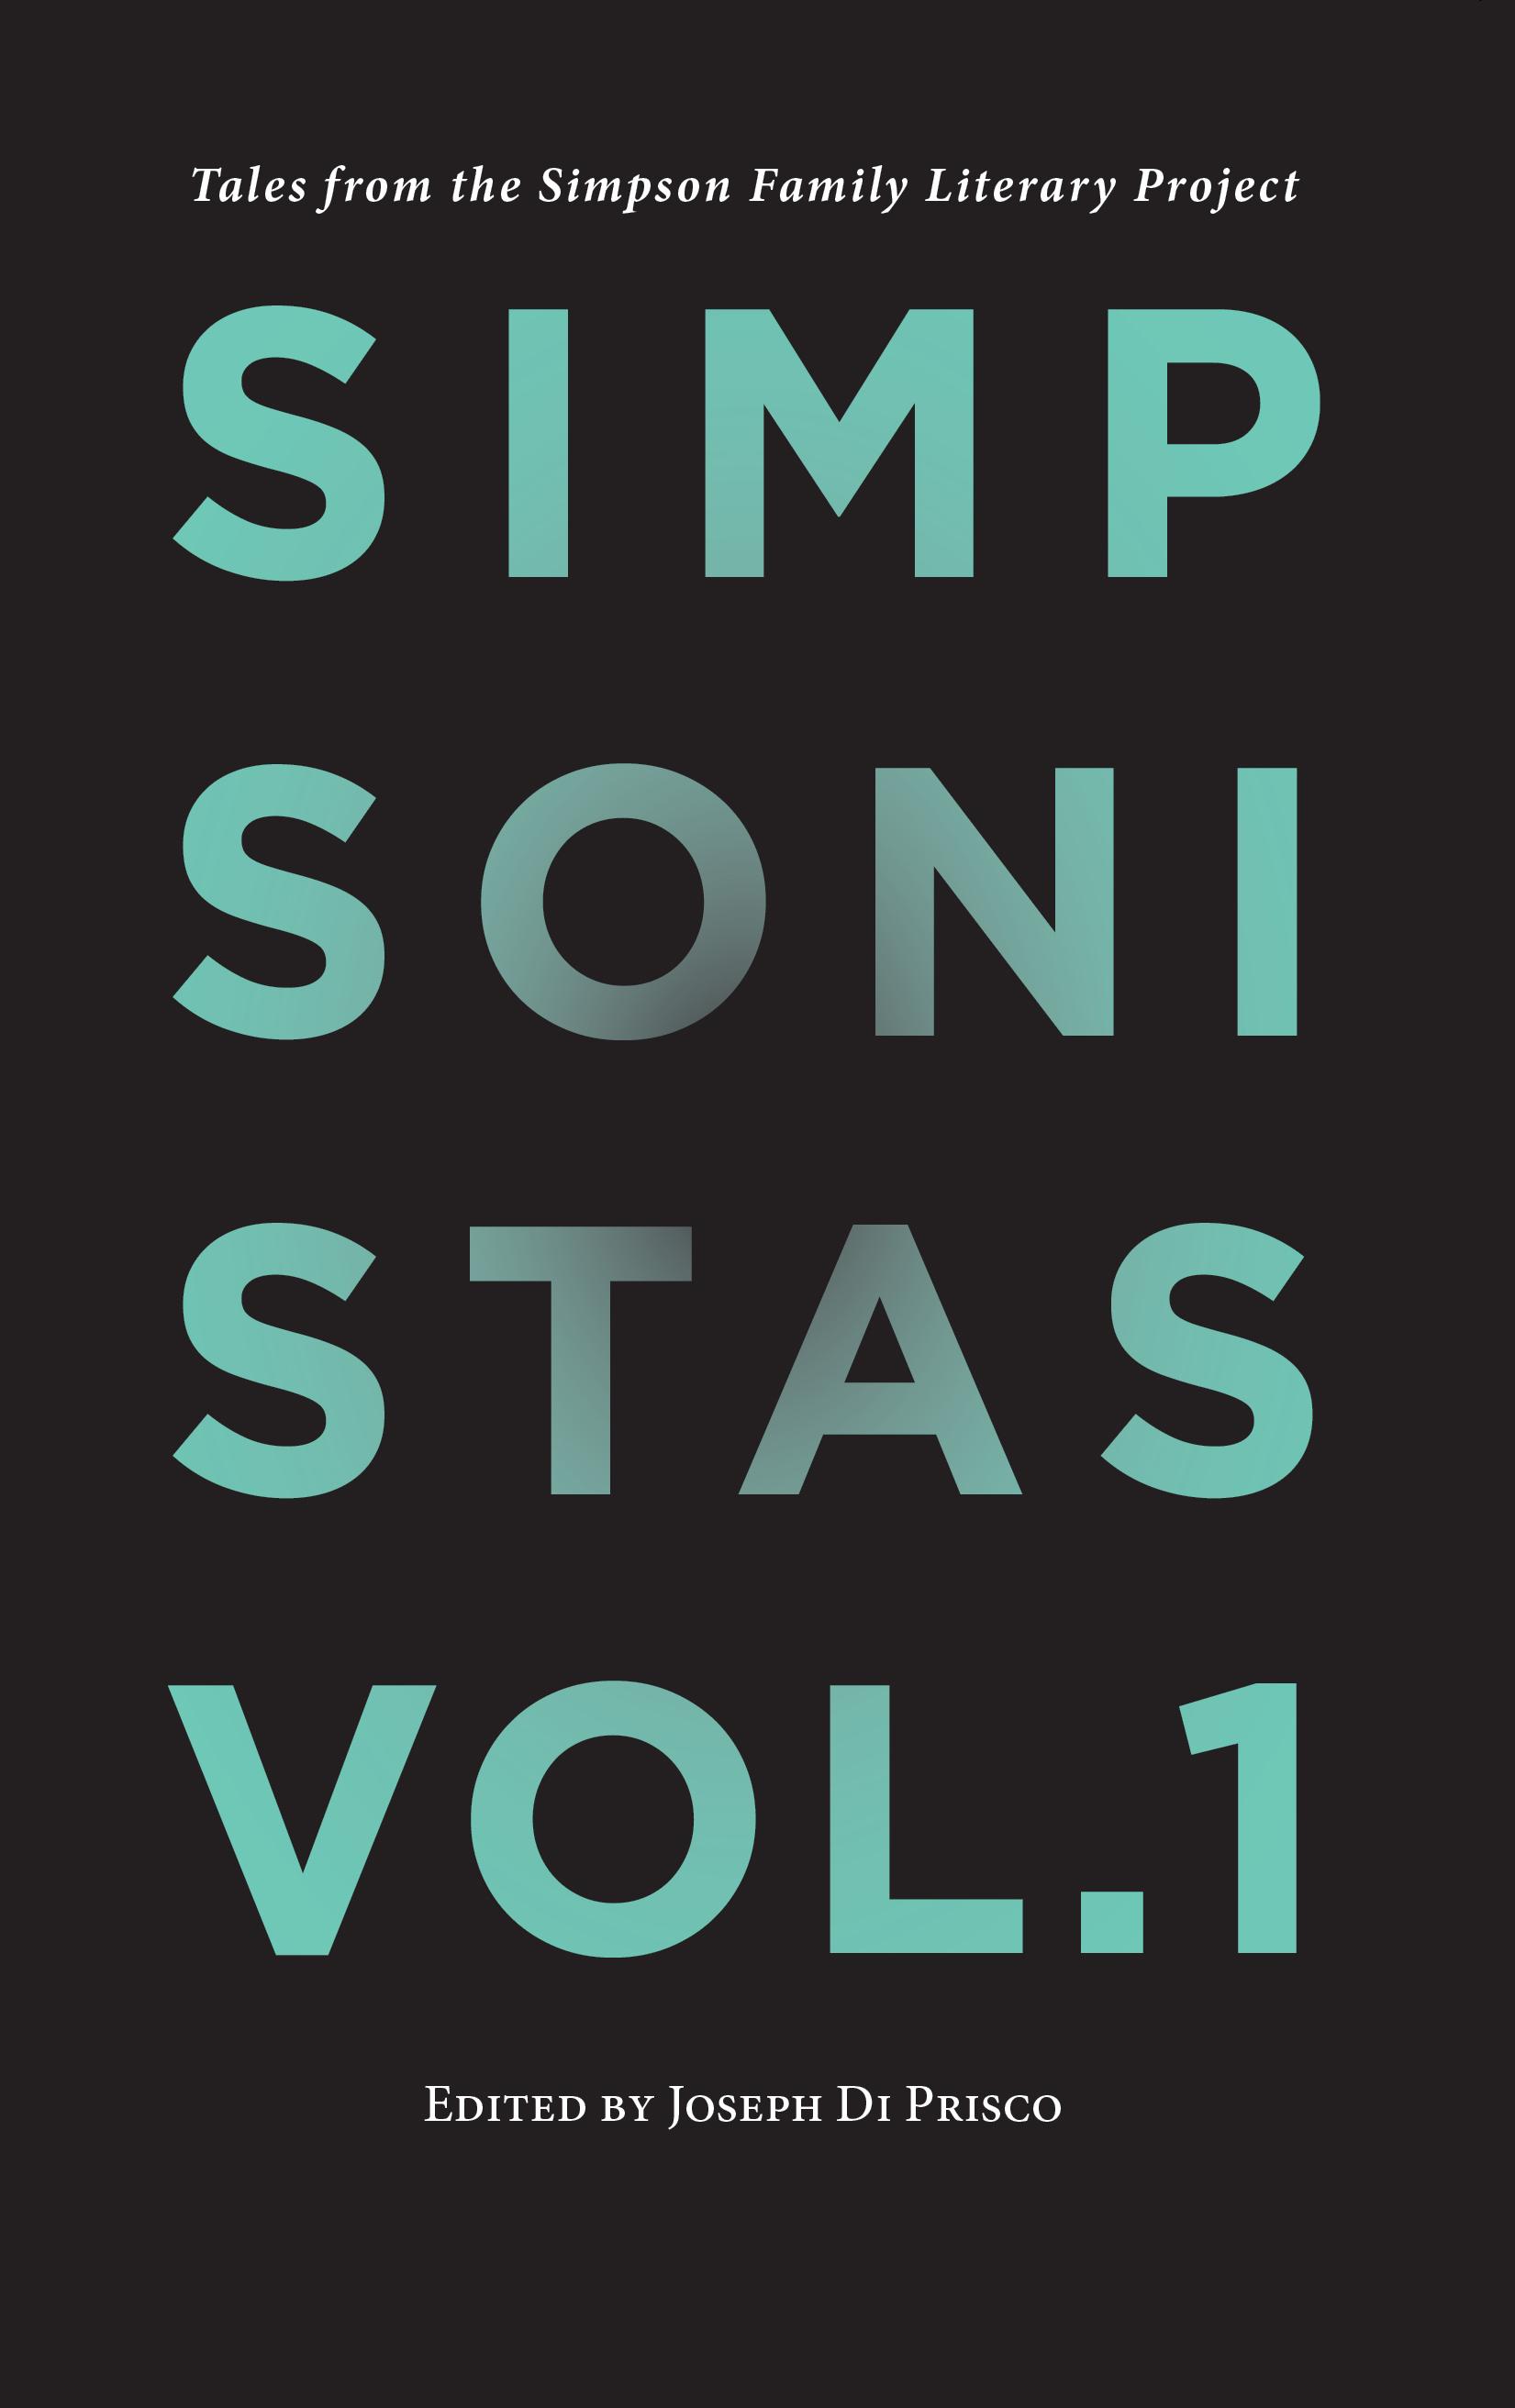 simpsonistas-vol1-cover.jpg